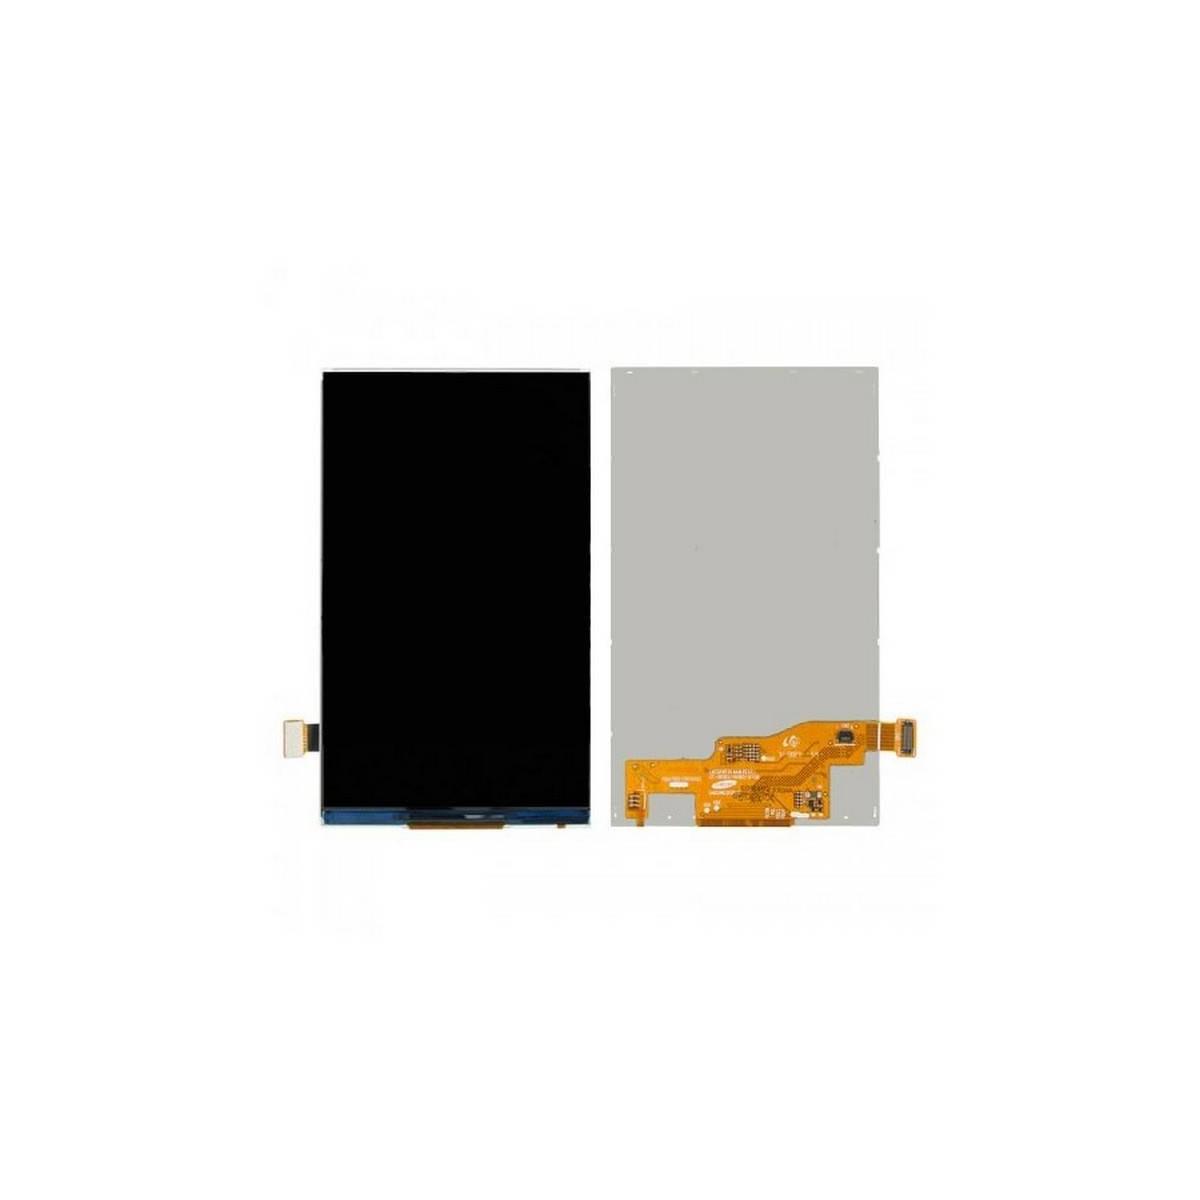 pantalla lcd samsung galaxy grand duos i9082